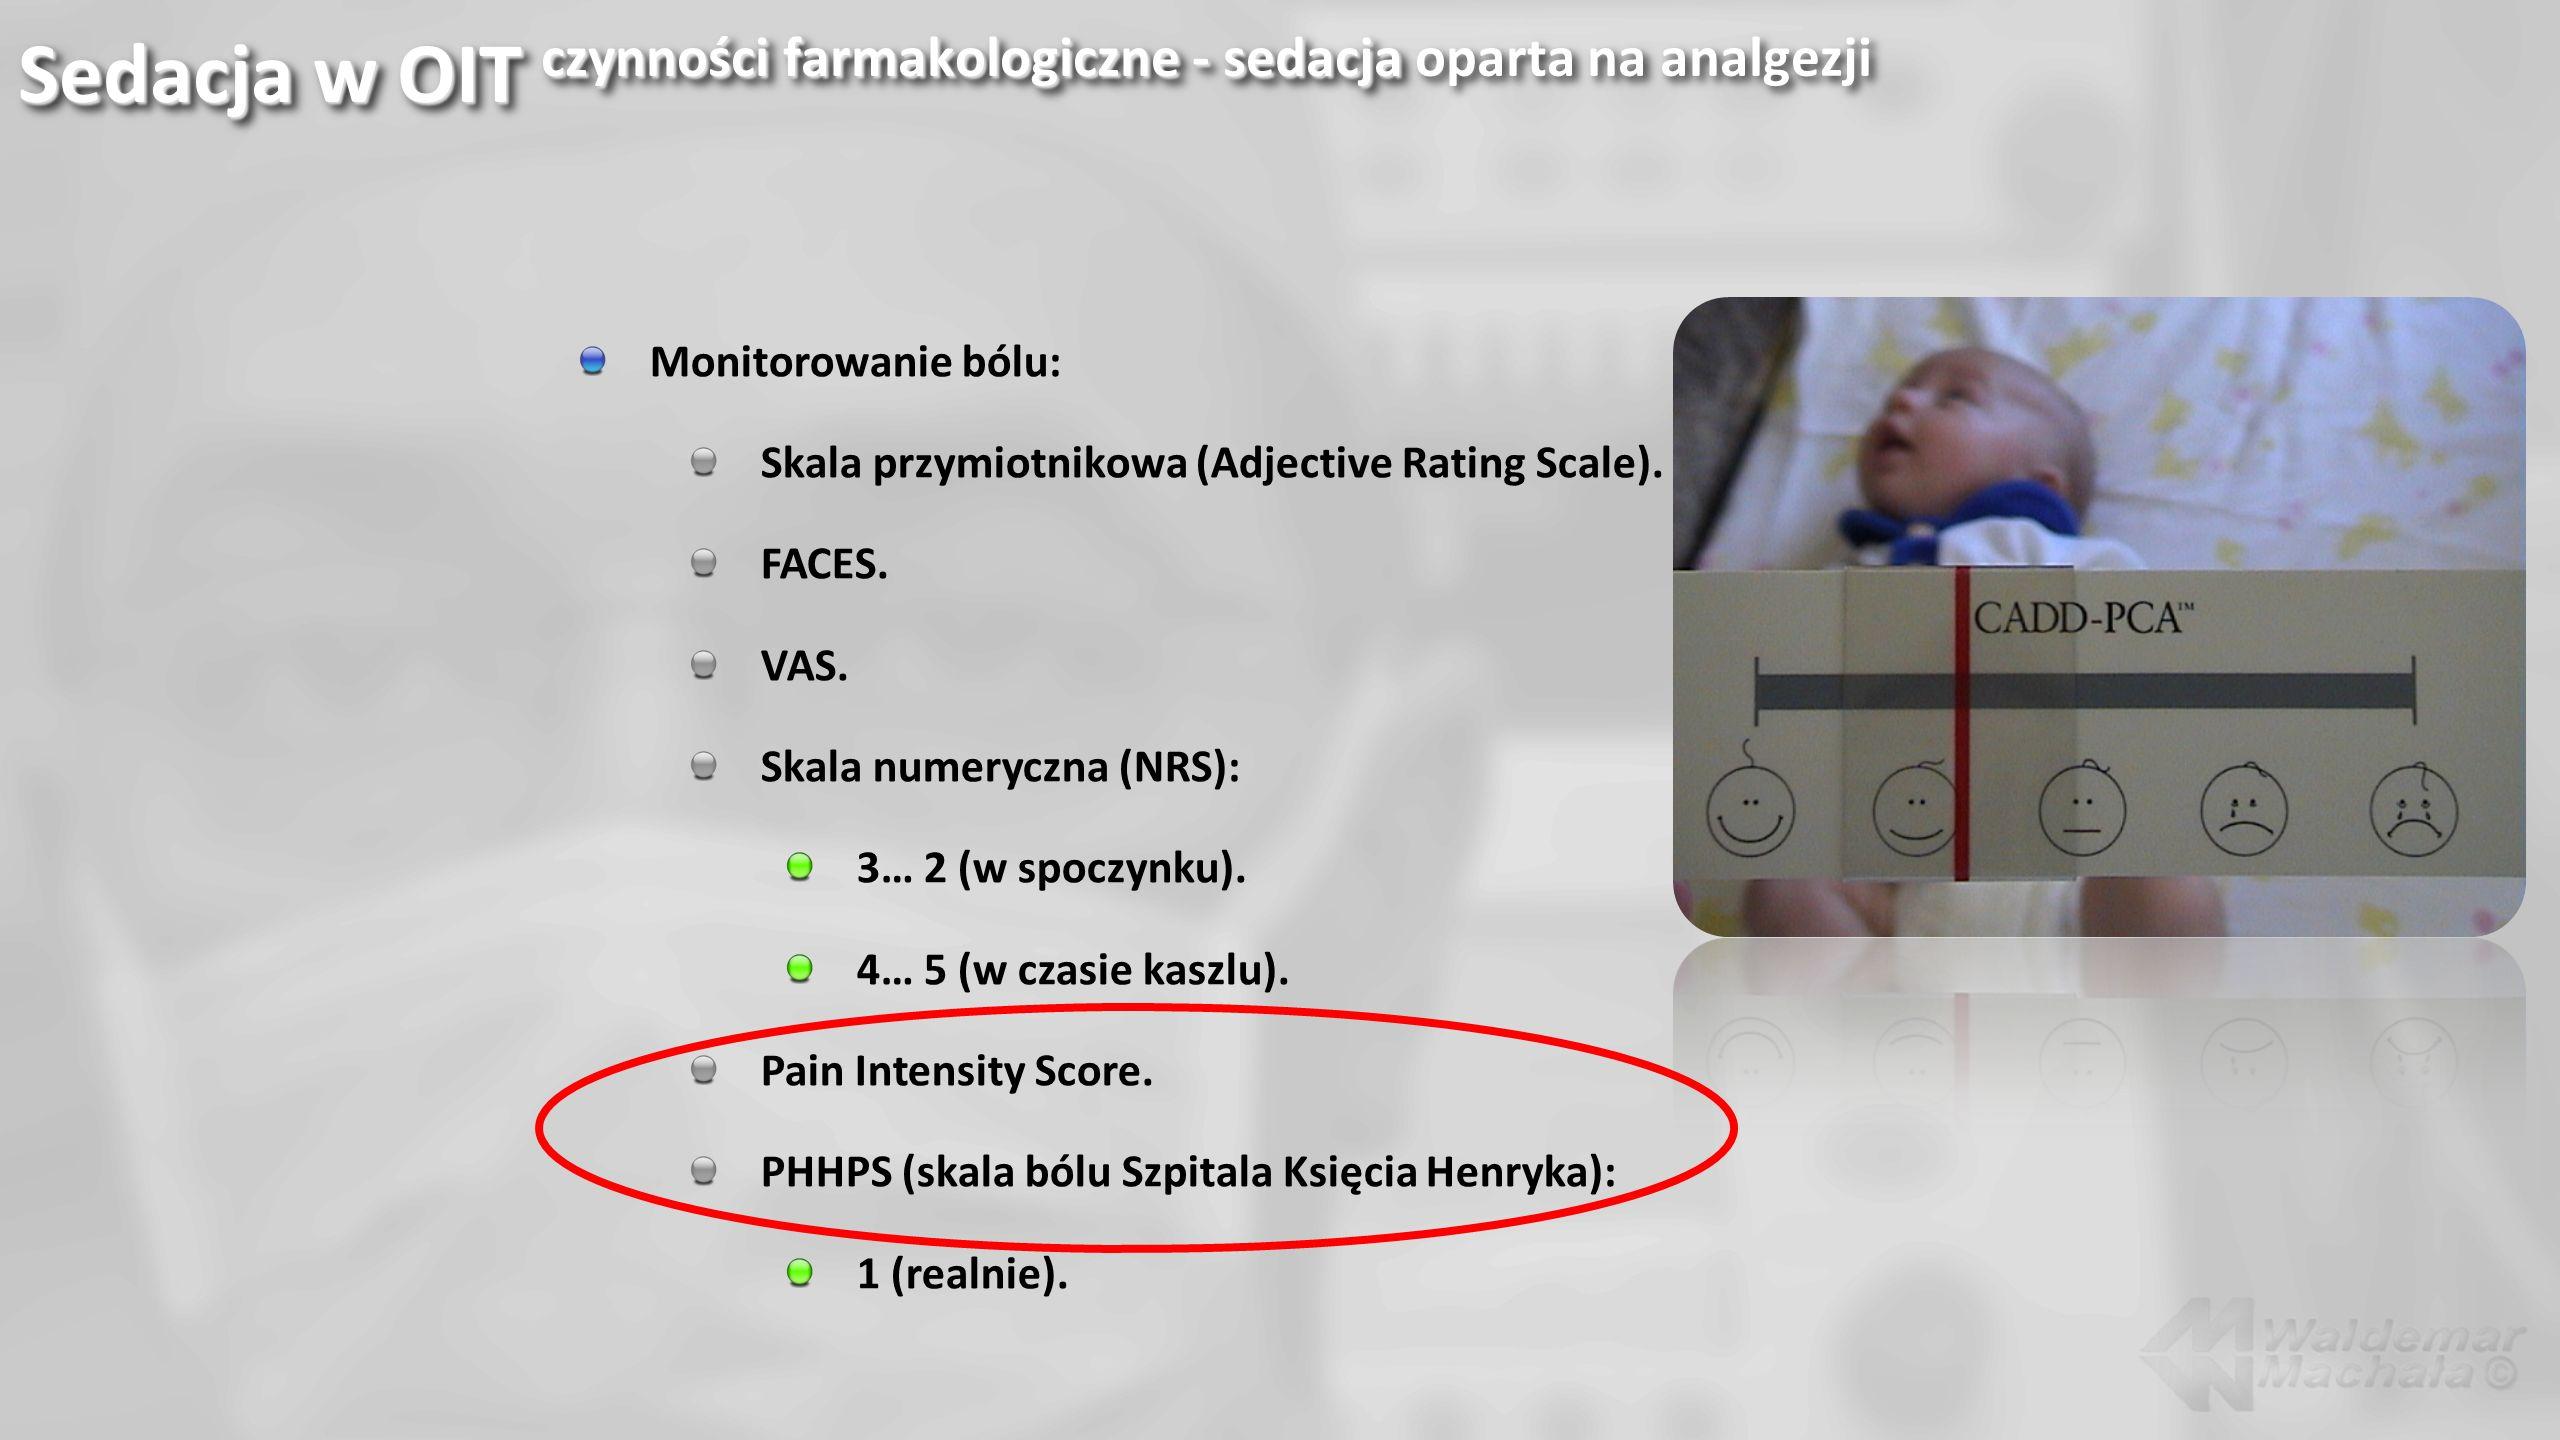 Sedacja w OIT czynności farmakologiczne - sedacja oparta na analgezji